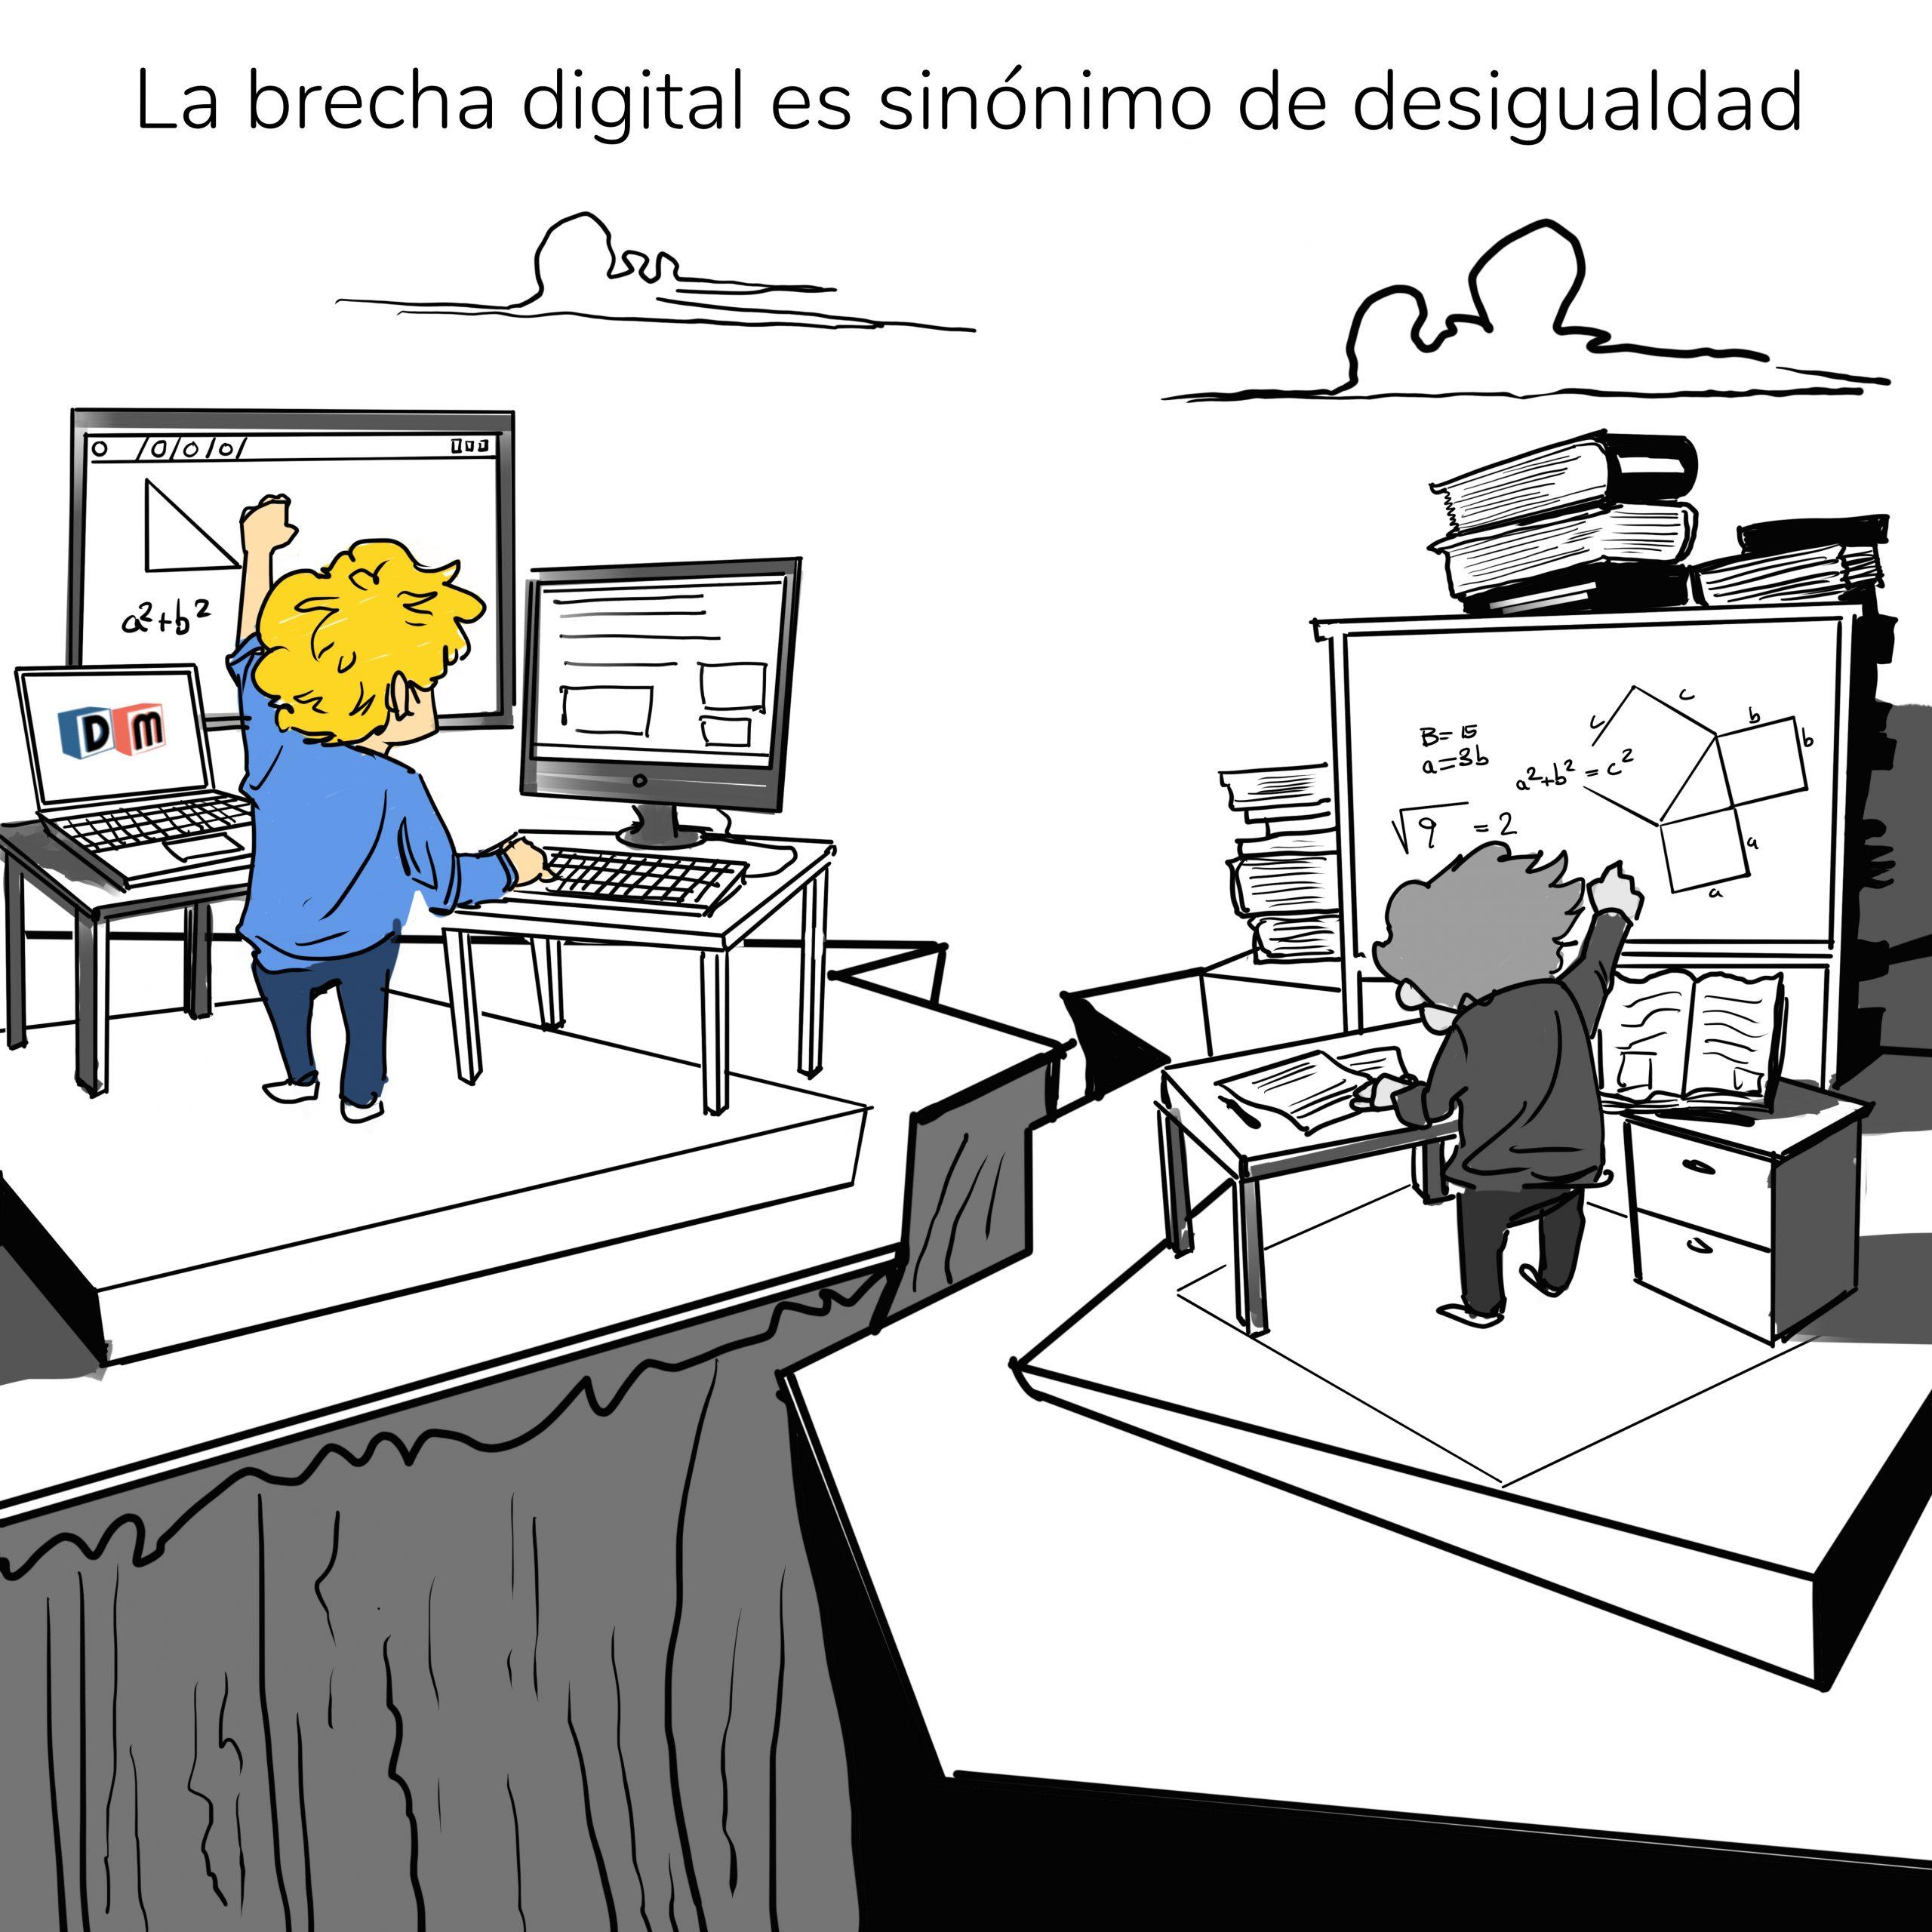 David Mora_Viñeta 20_La brecha digital es sinónimo de desigualdad